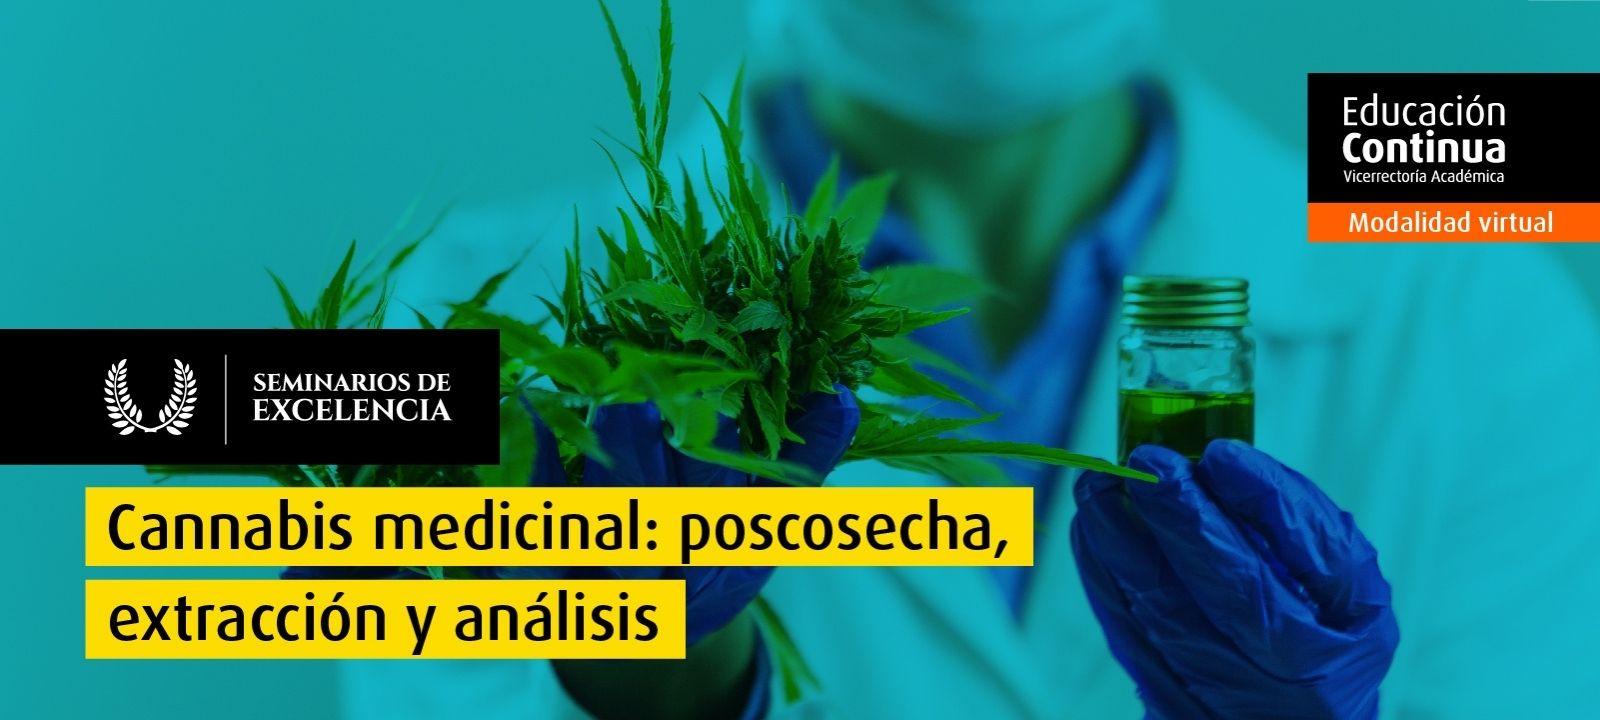 Cannabis medicinal: poscosecha, extracción y análisis